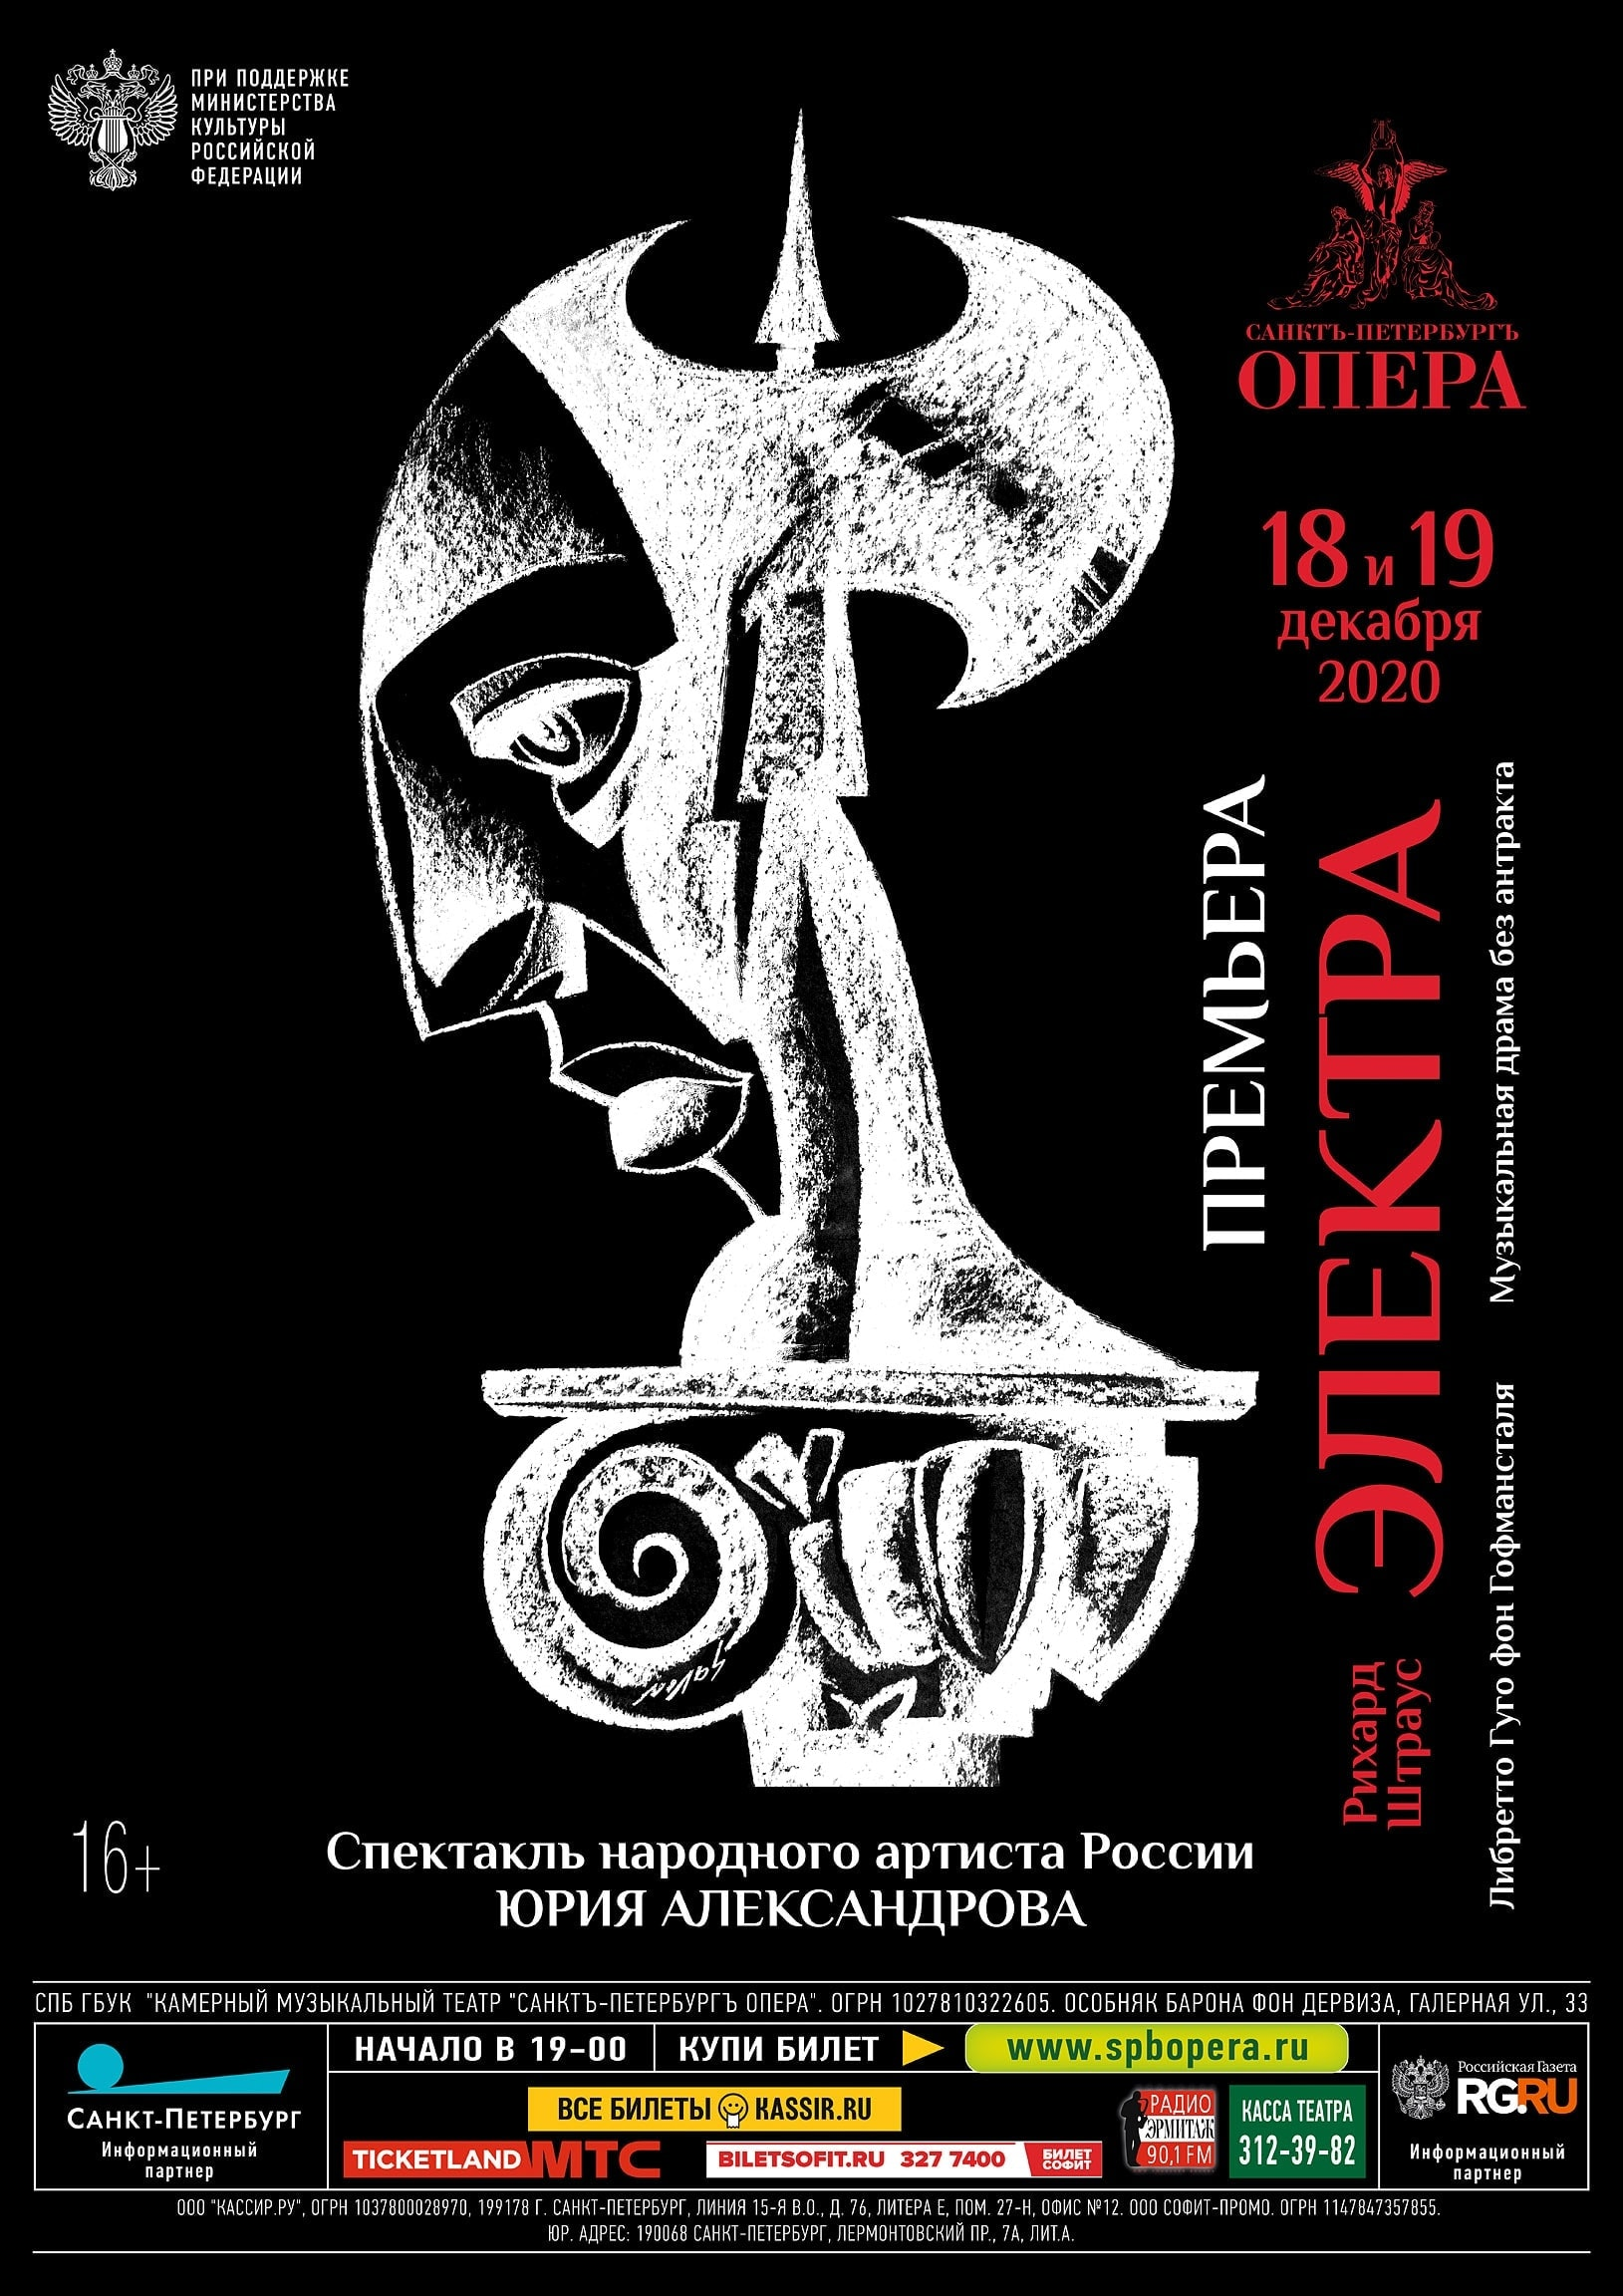 «Санктъ-Петербургъ Опера» представит премьеру оперы «Электра»